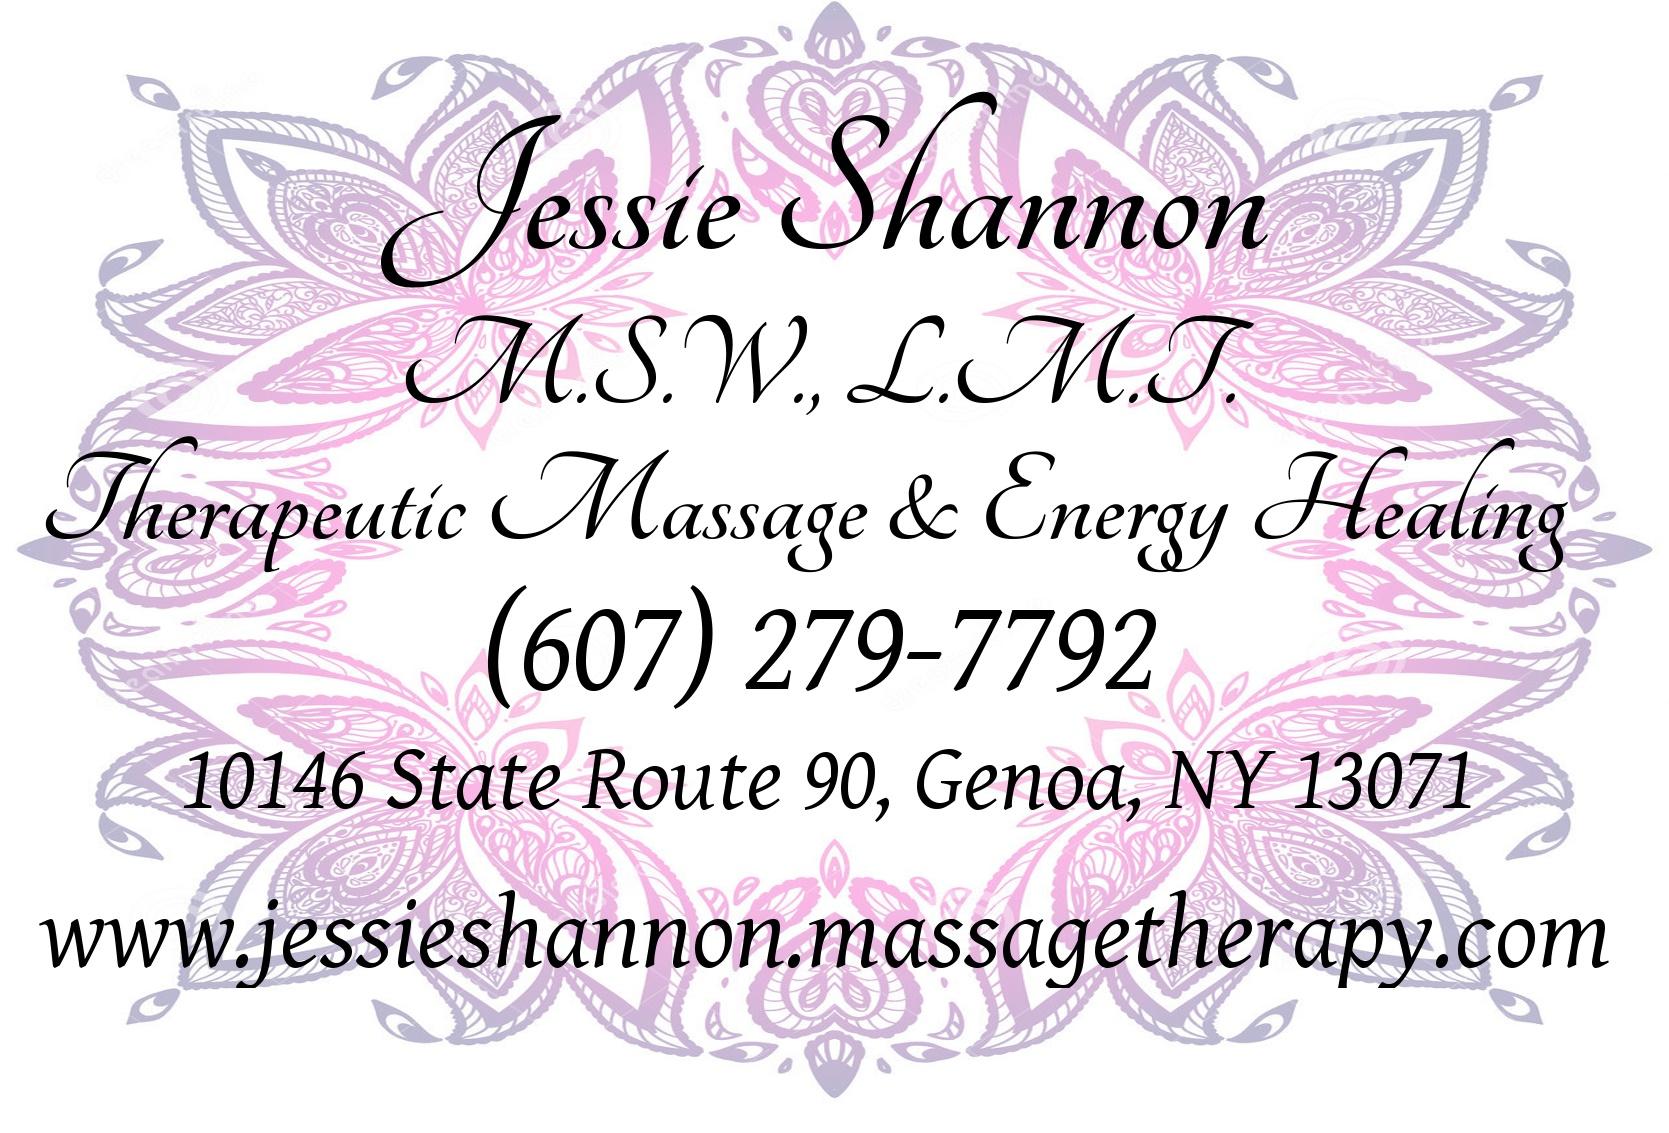 ova massage